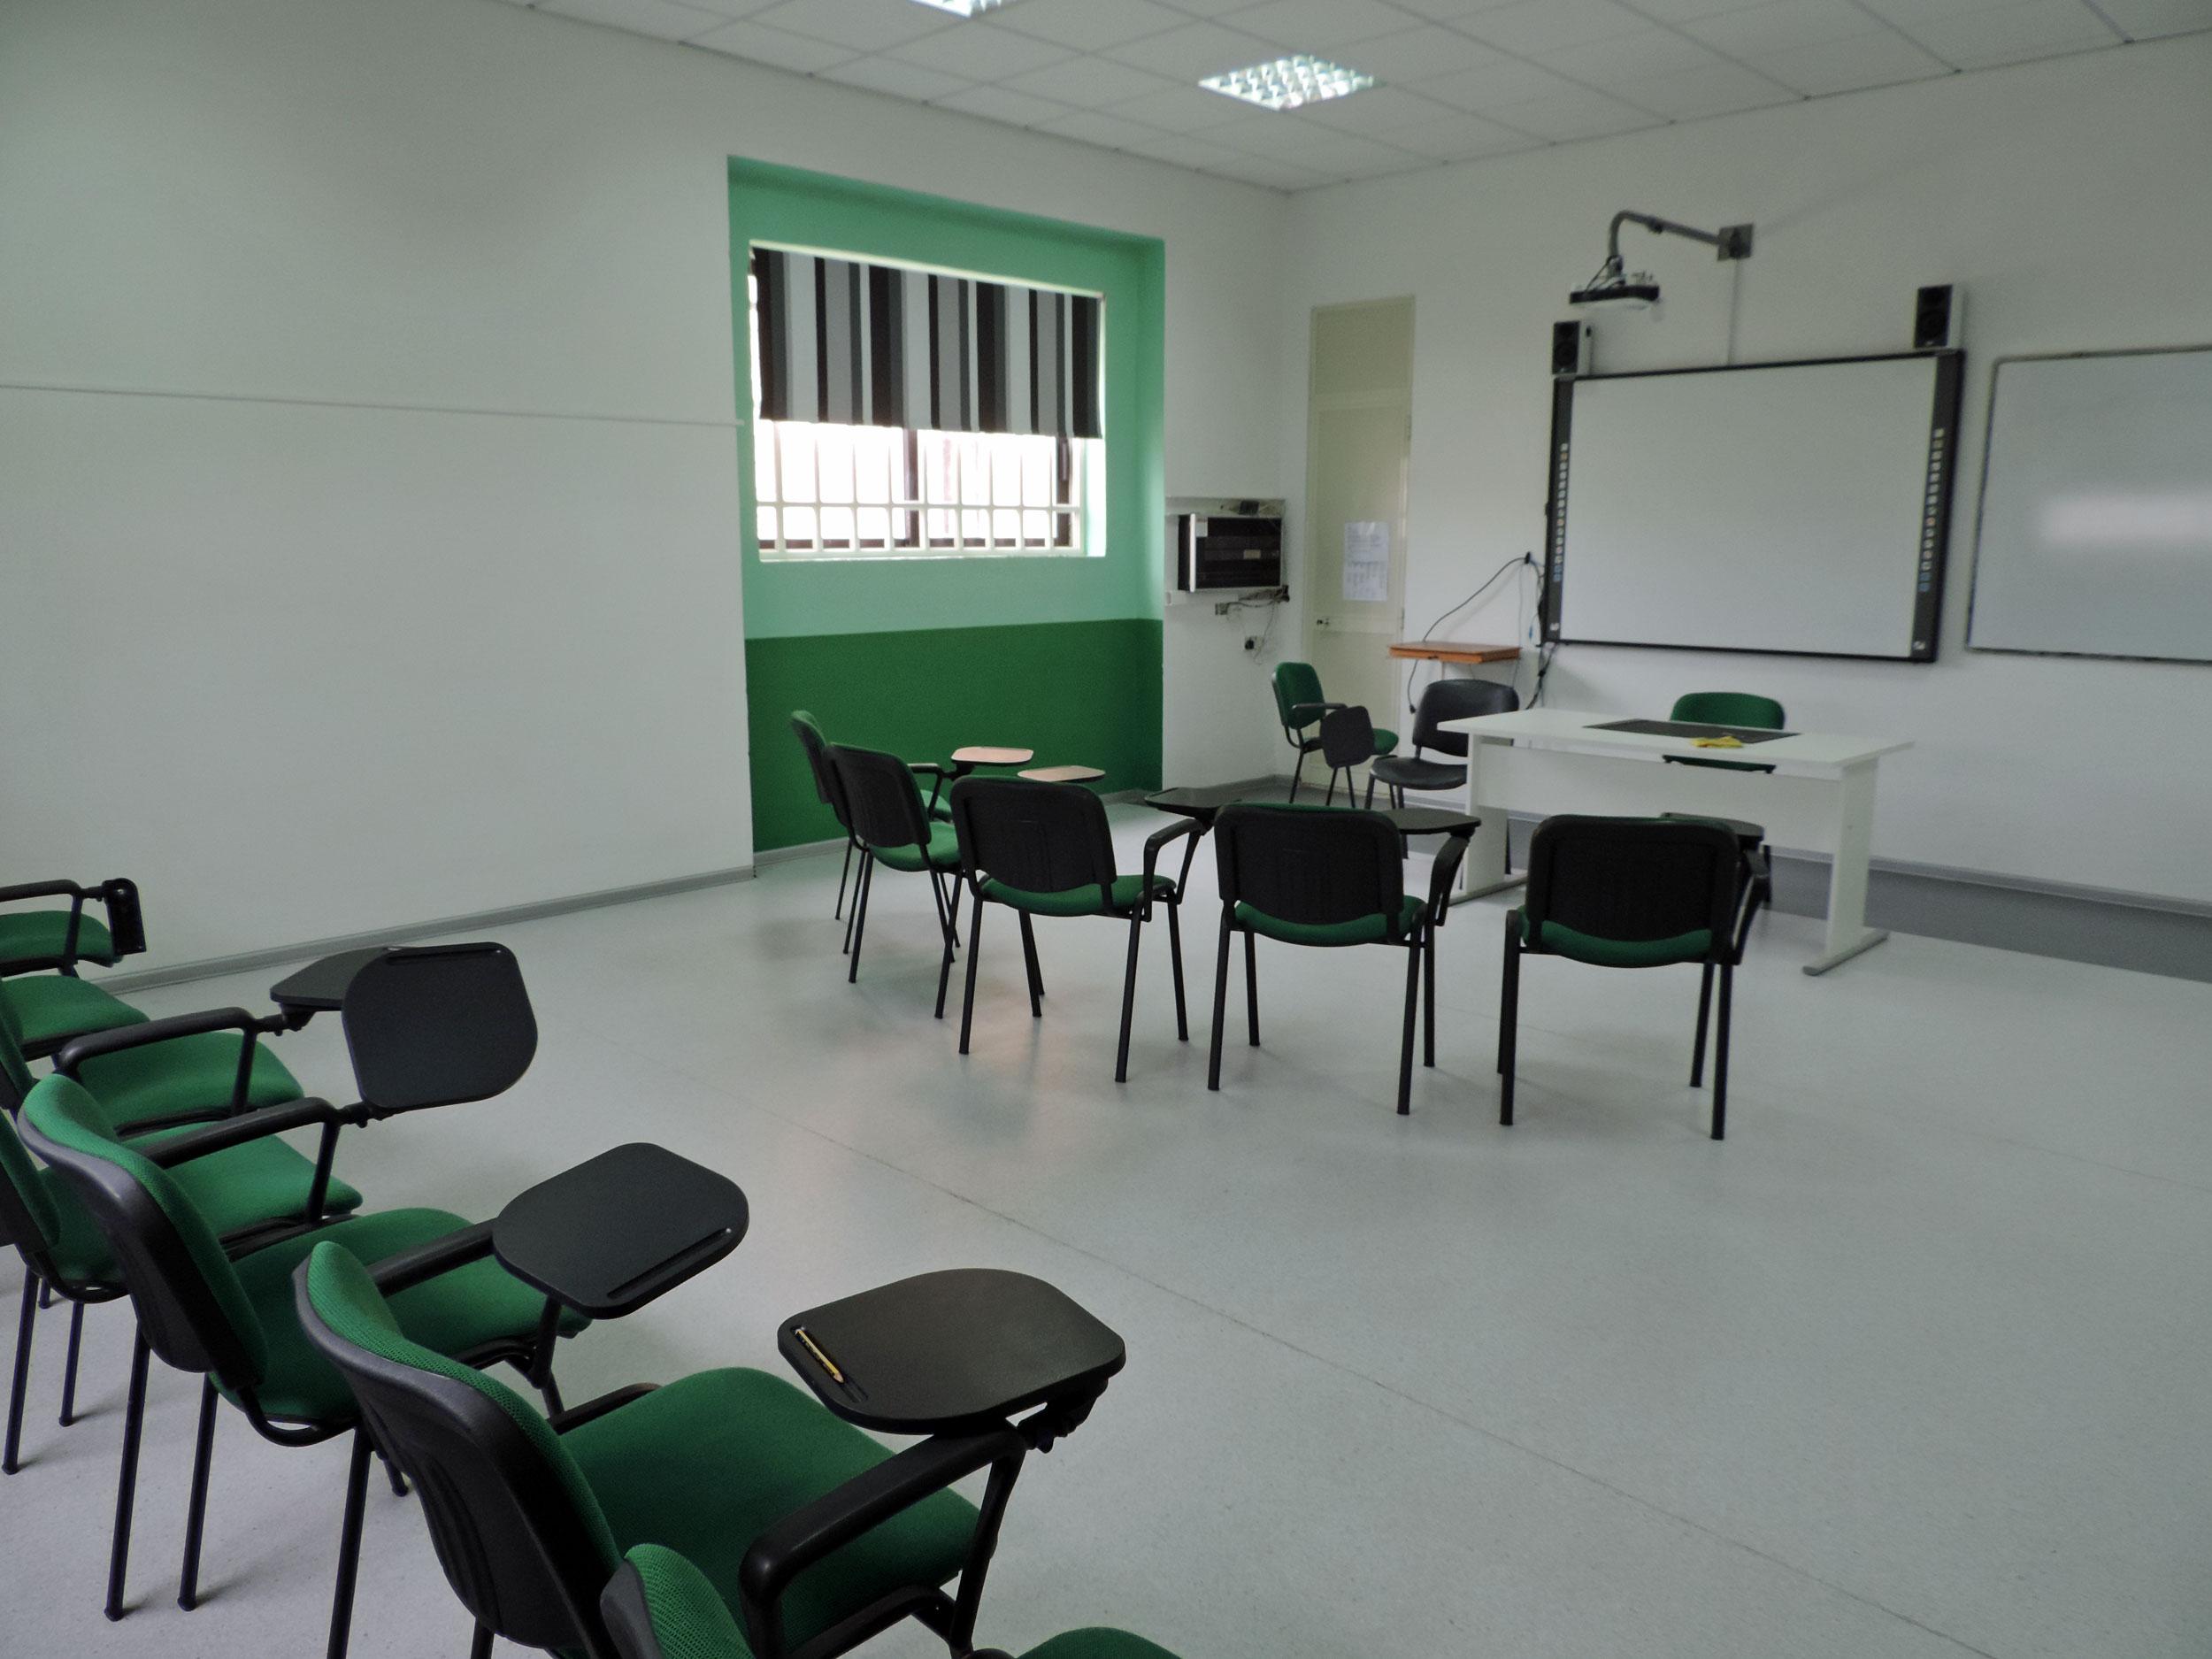 AClass, classroom